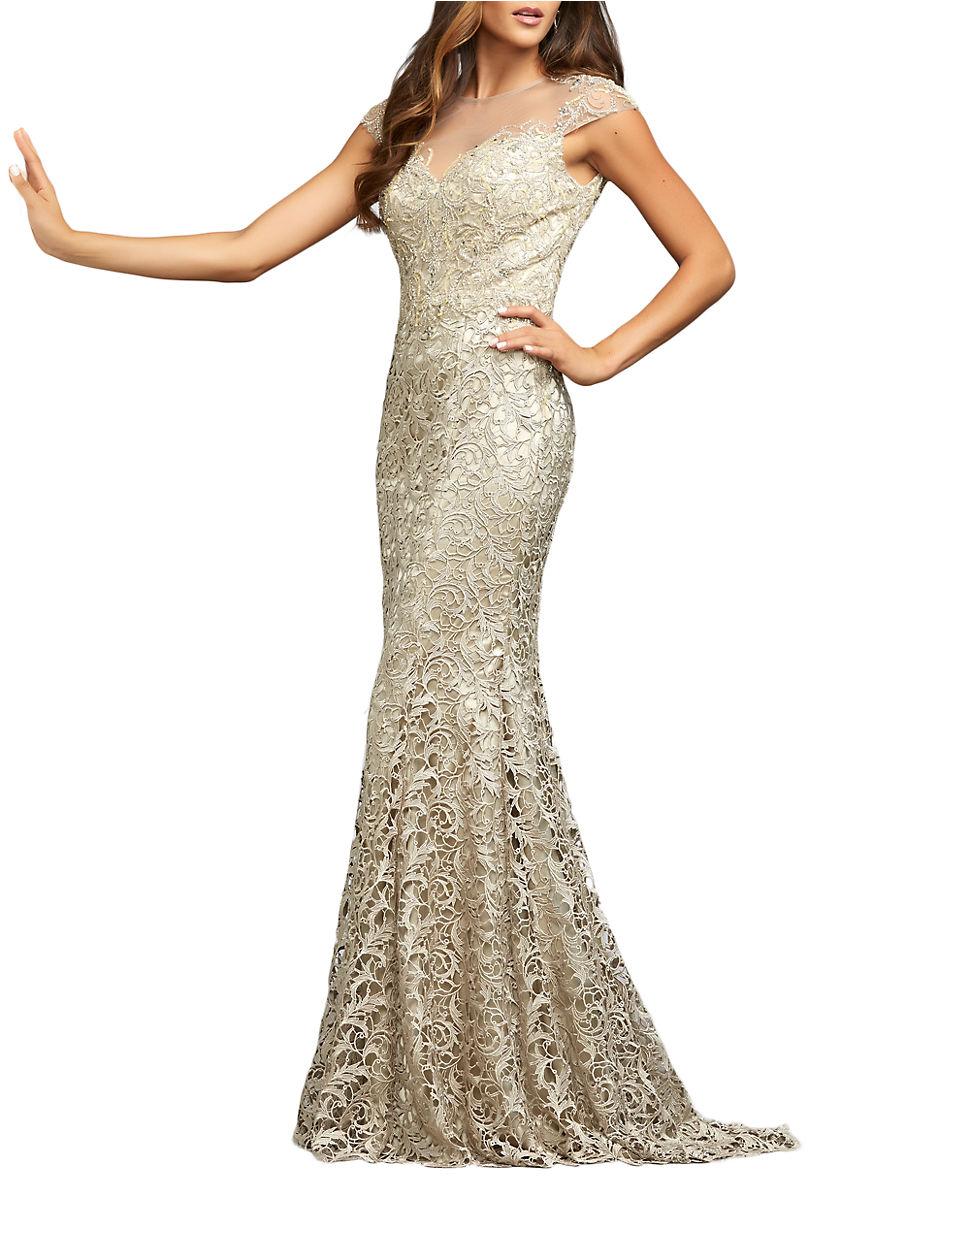 53b1bce10b9c Lyst - Mac Duggal Metallic Lace Illusion-yoke Gown in Metallic